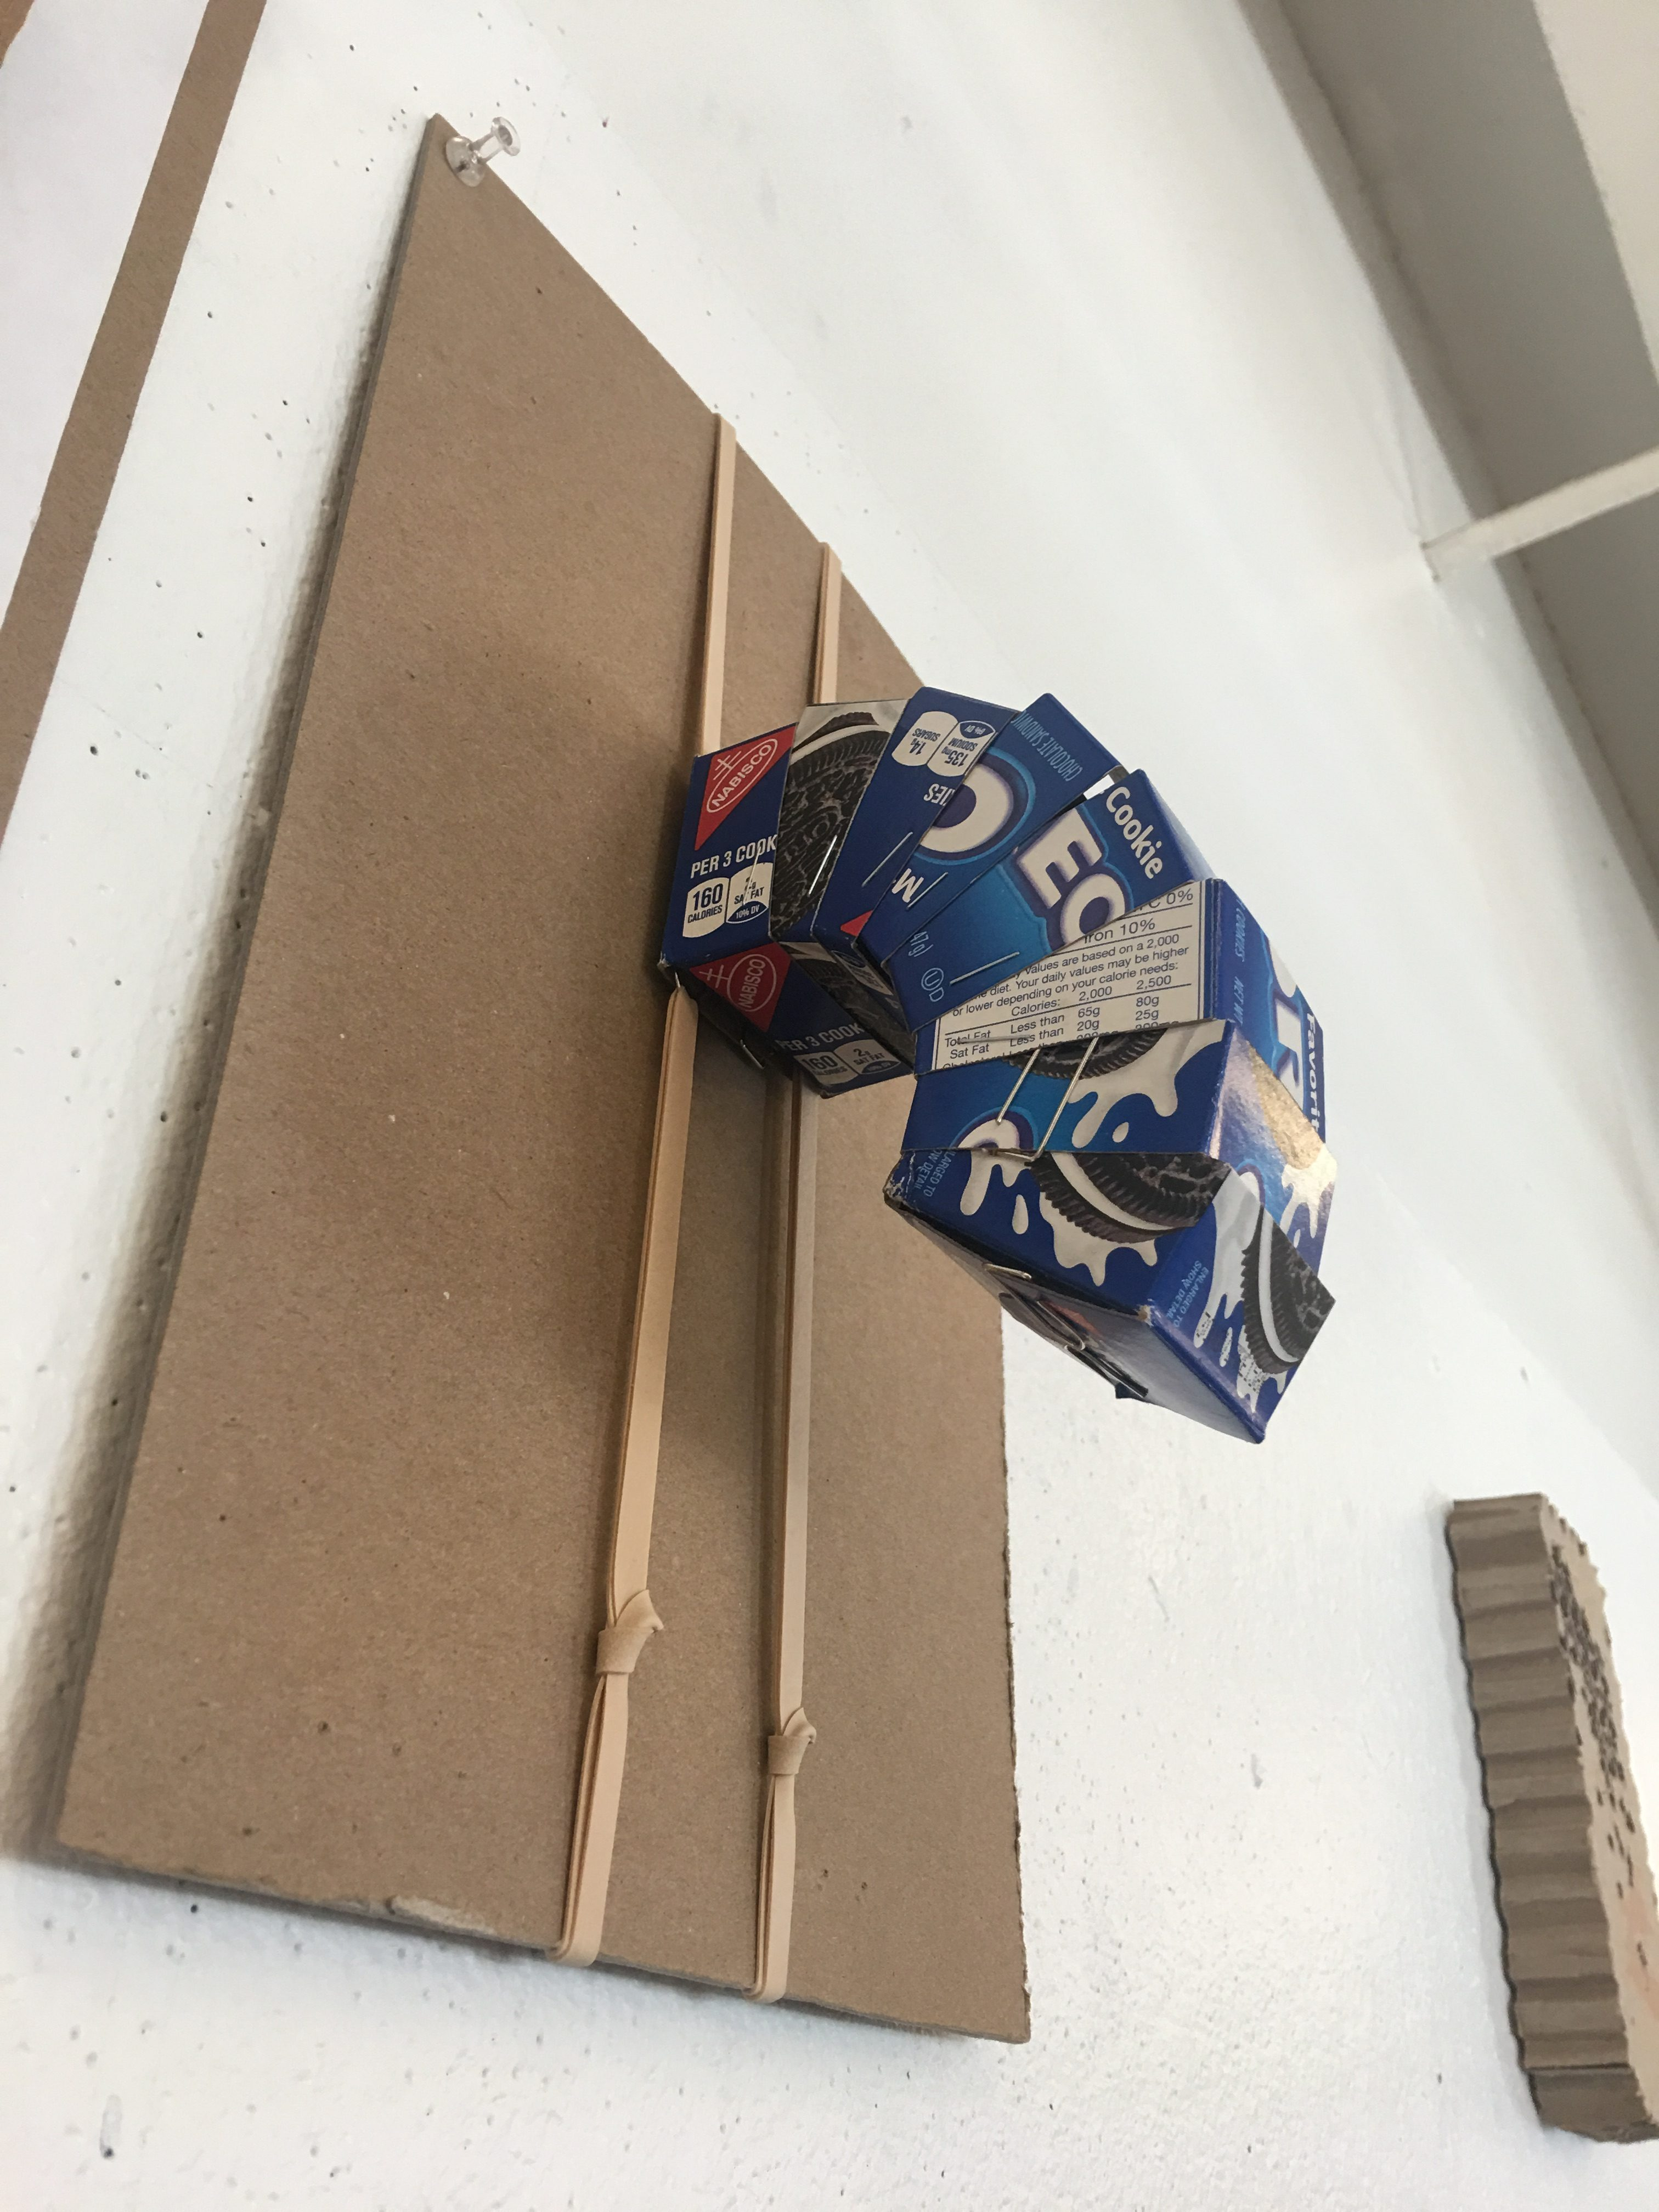 Material Study: Paper & Cardboard